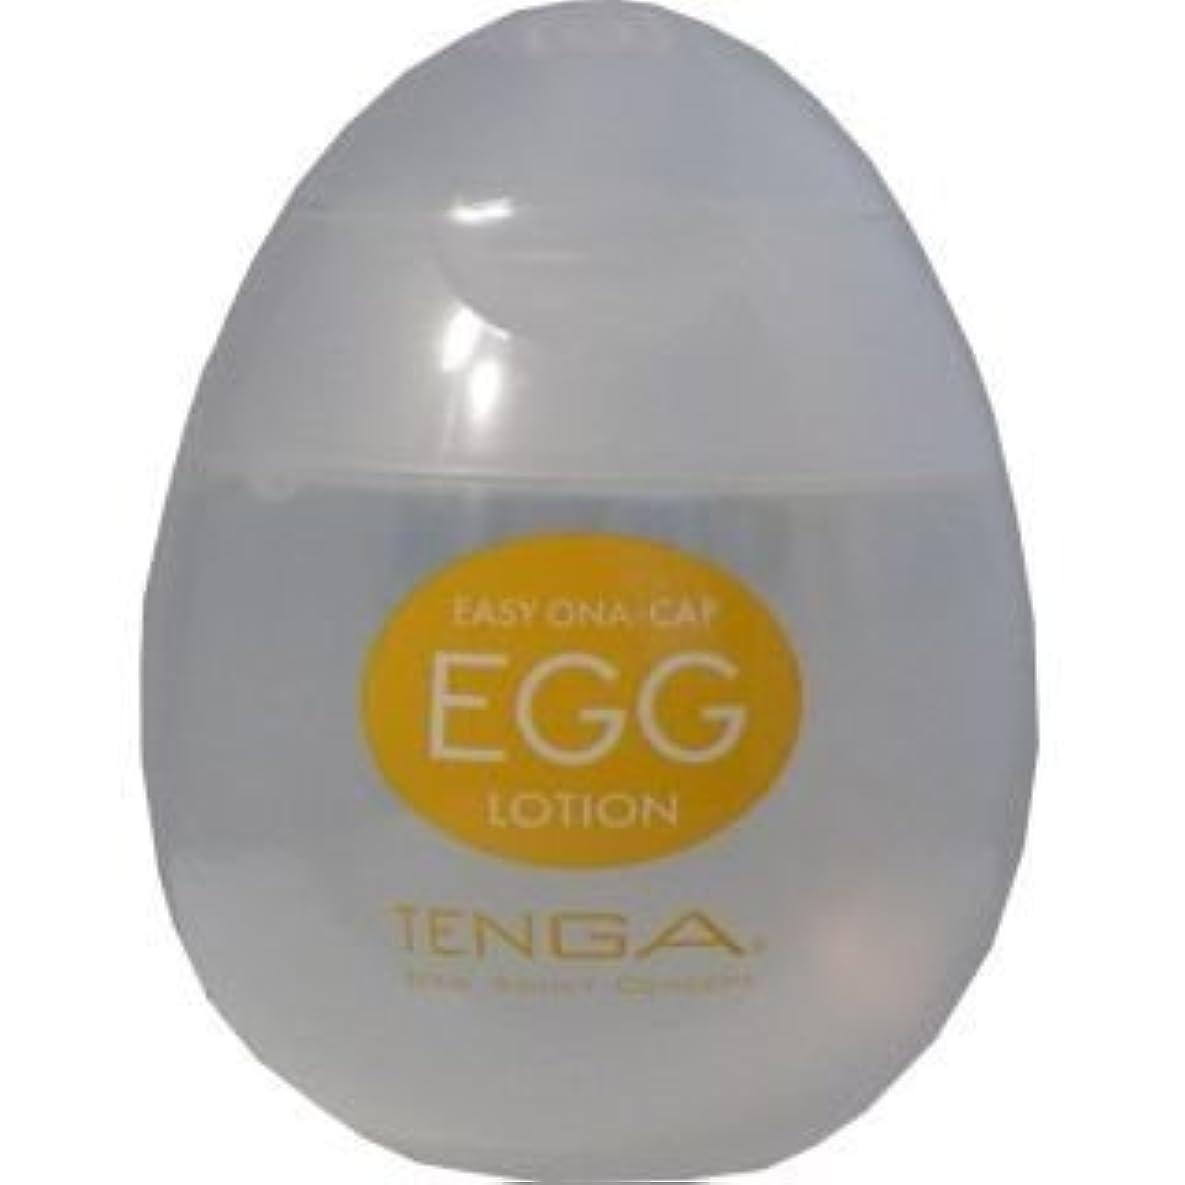 保湿成分配合で潤い長持ち!TENGA(テンガ) EGG LOTION(エッグローション) EGGL-001【4個セット】